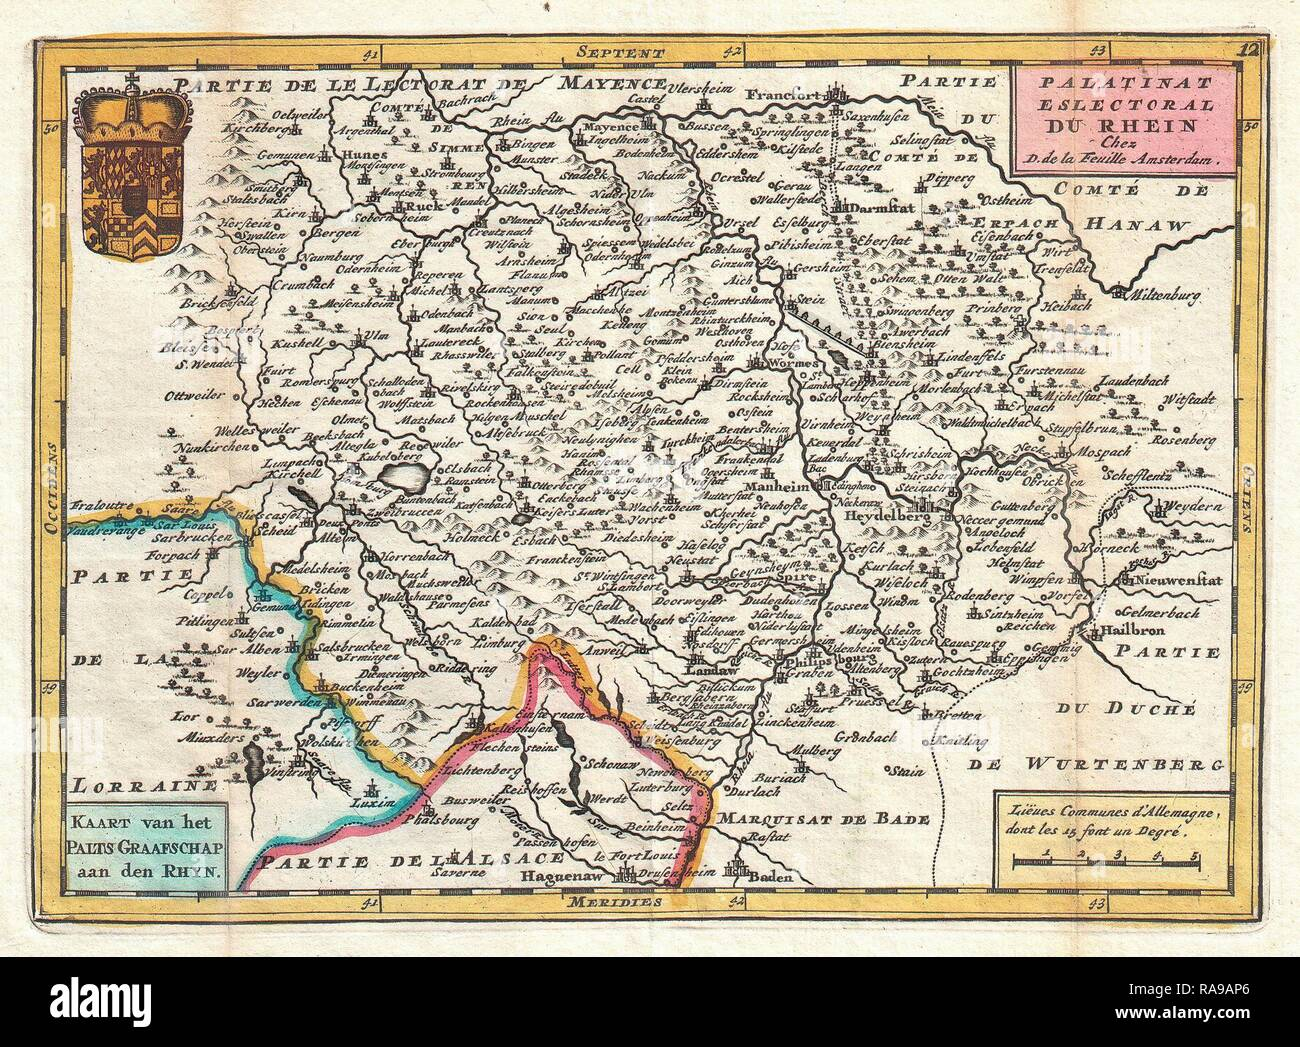 Map Of Germany Rhineland.Rhineland Map Stock Photos Rhineland Map Stock Images Alamy